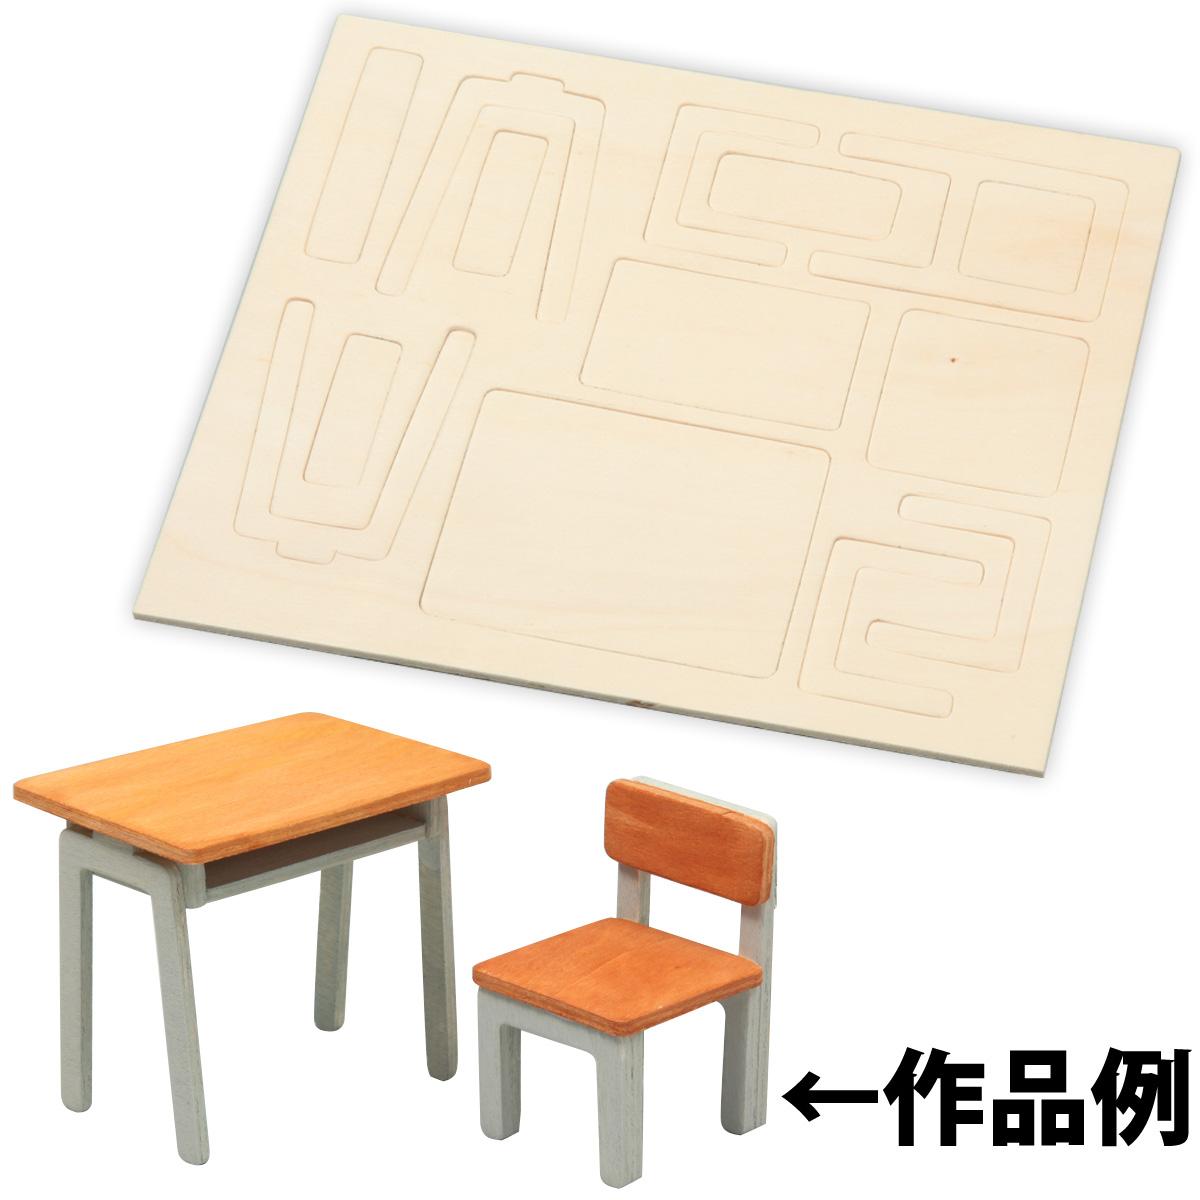 机と椅子 ジオラマベース小 工作 図工 美術 木工 子供 キッズ 学習教材 自由研究 作品 クリスマスプレゼント